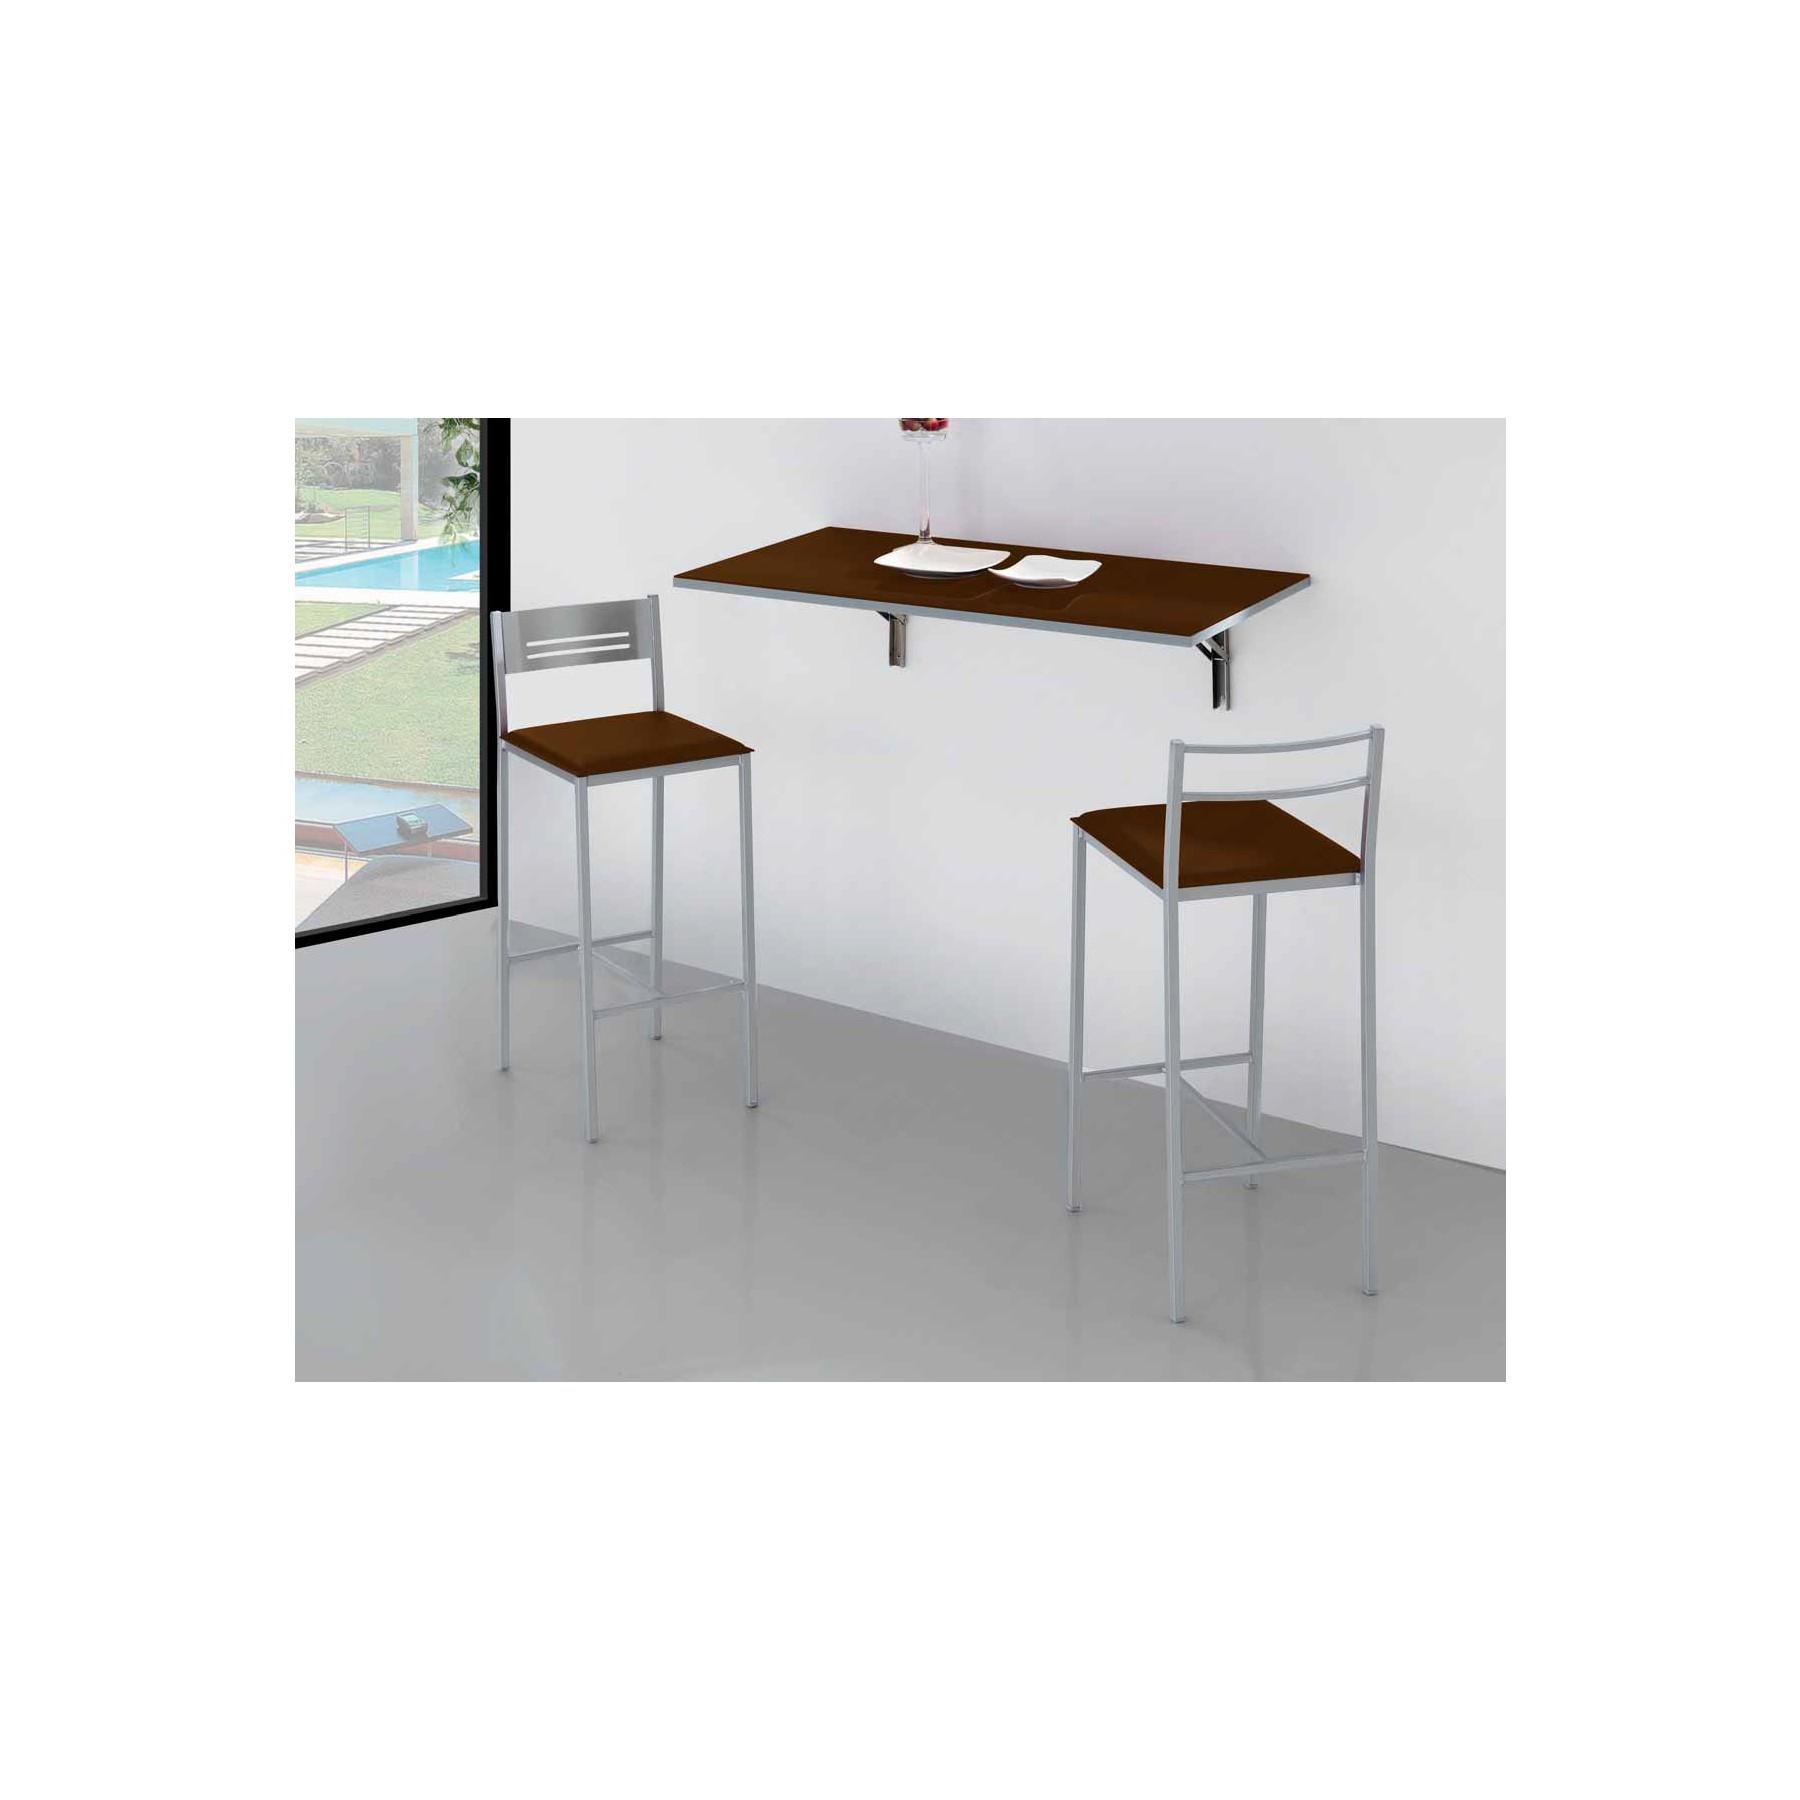 Mesas Plegables Para Cocina Dwdk 40 Magnà Fica Mesas Plegables Para Cocina Modelos